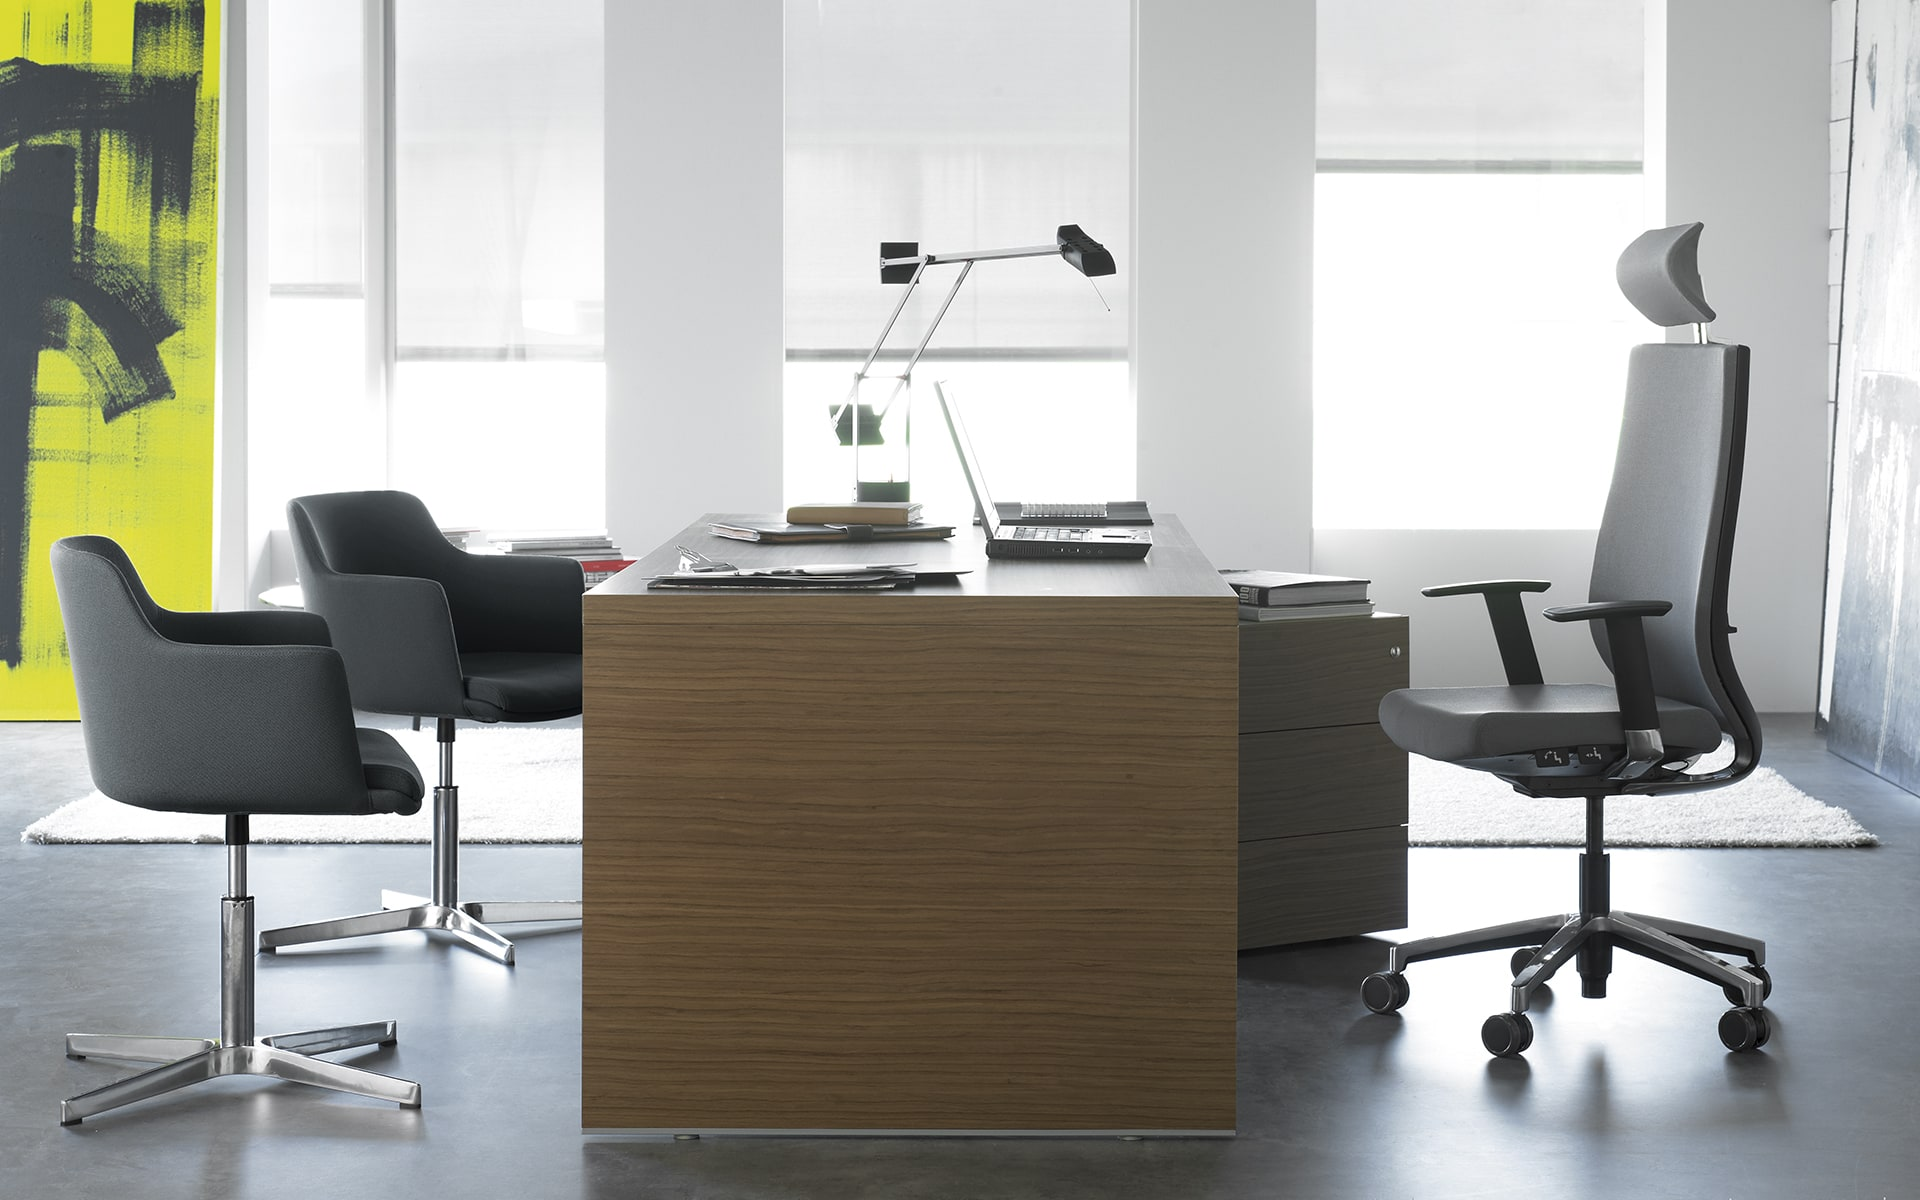 Grauer Forma 5 Eben Bürostuhl von ITO Design an modernem Arbeitsplatz